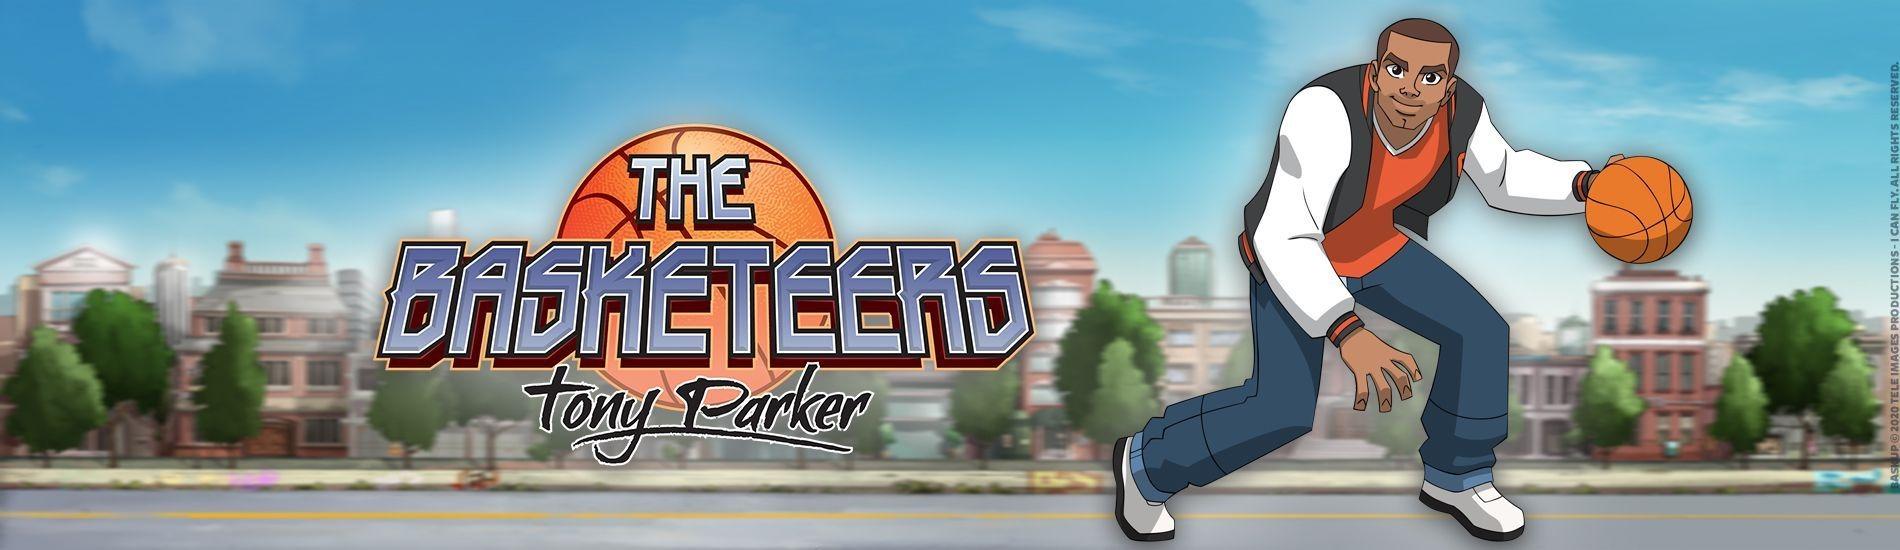 The Basketeers en streaming sur Gulli Replay